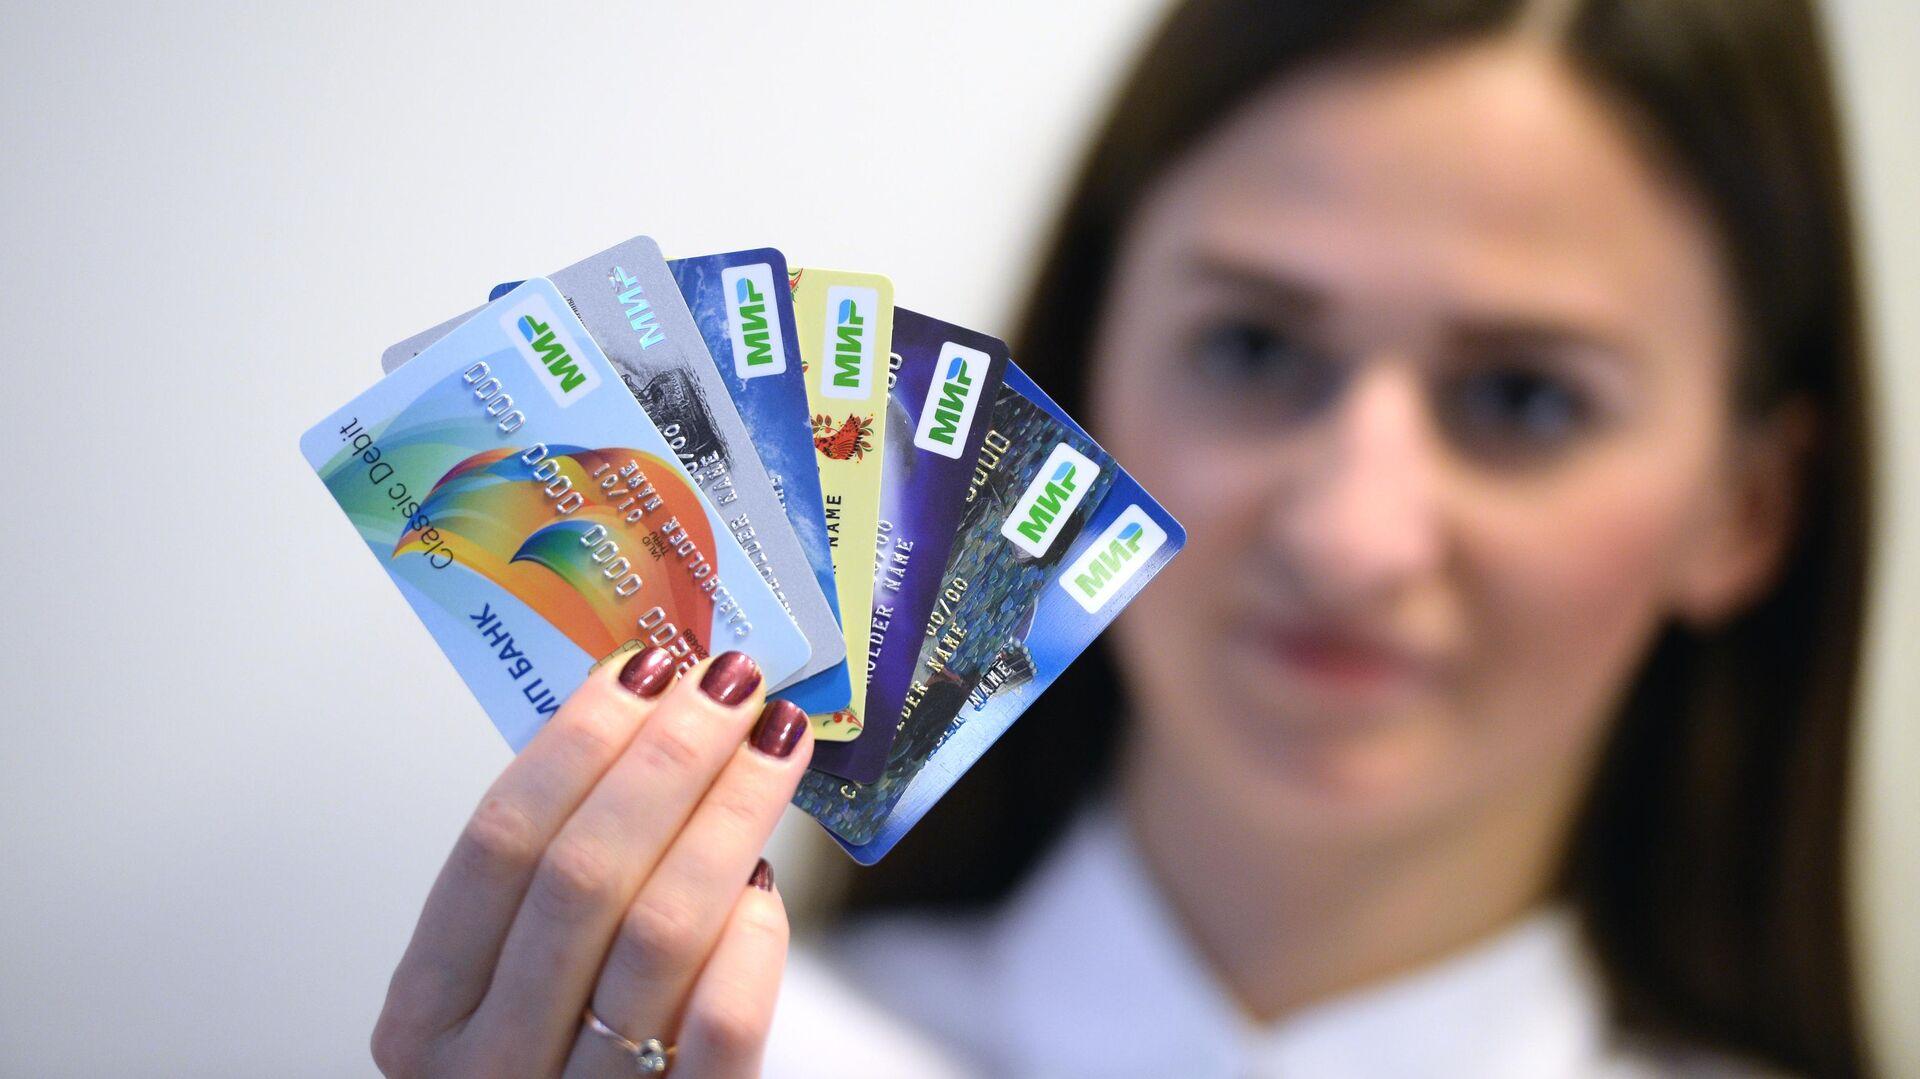 Специалисты объяснили, нужно ли клиентам подписывать банковскую карту